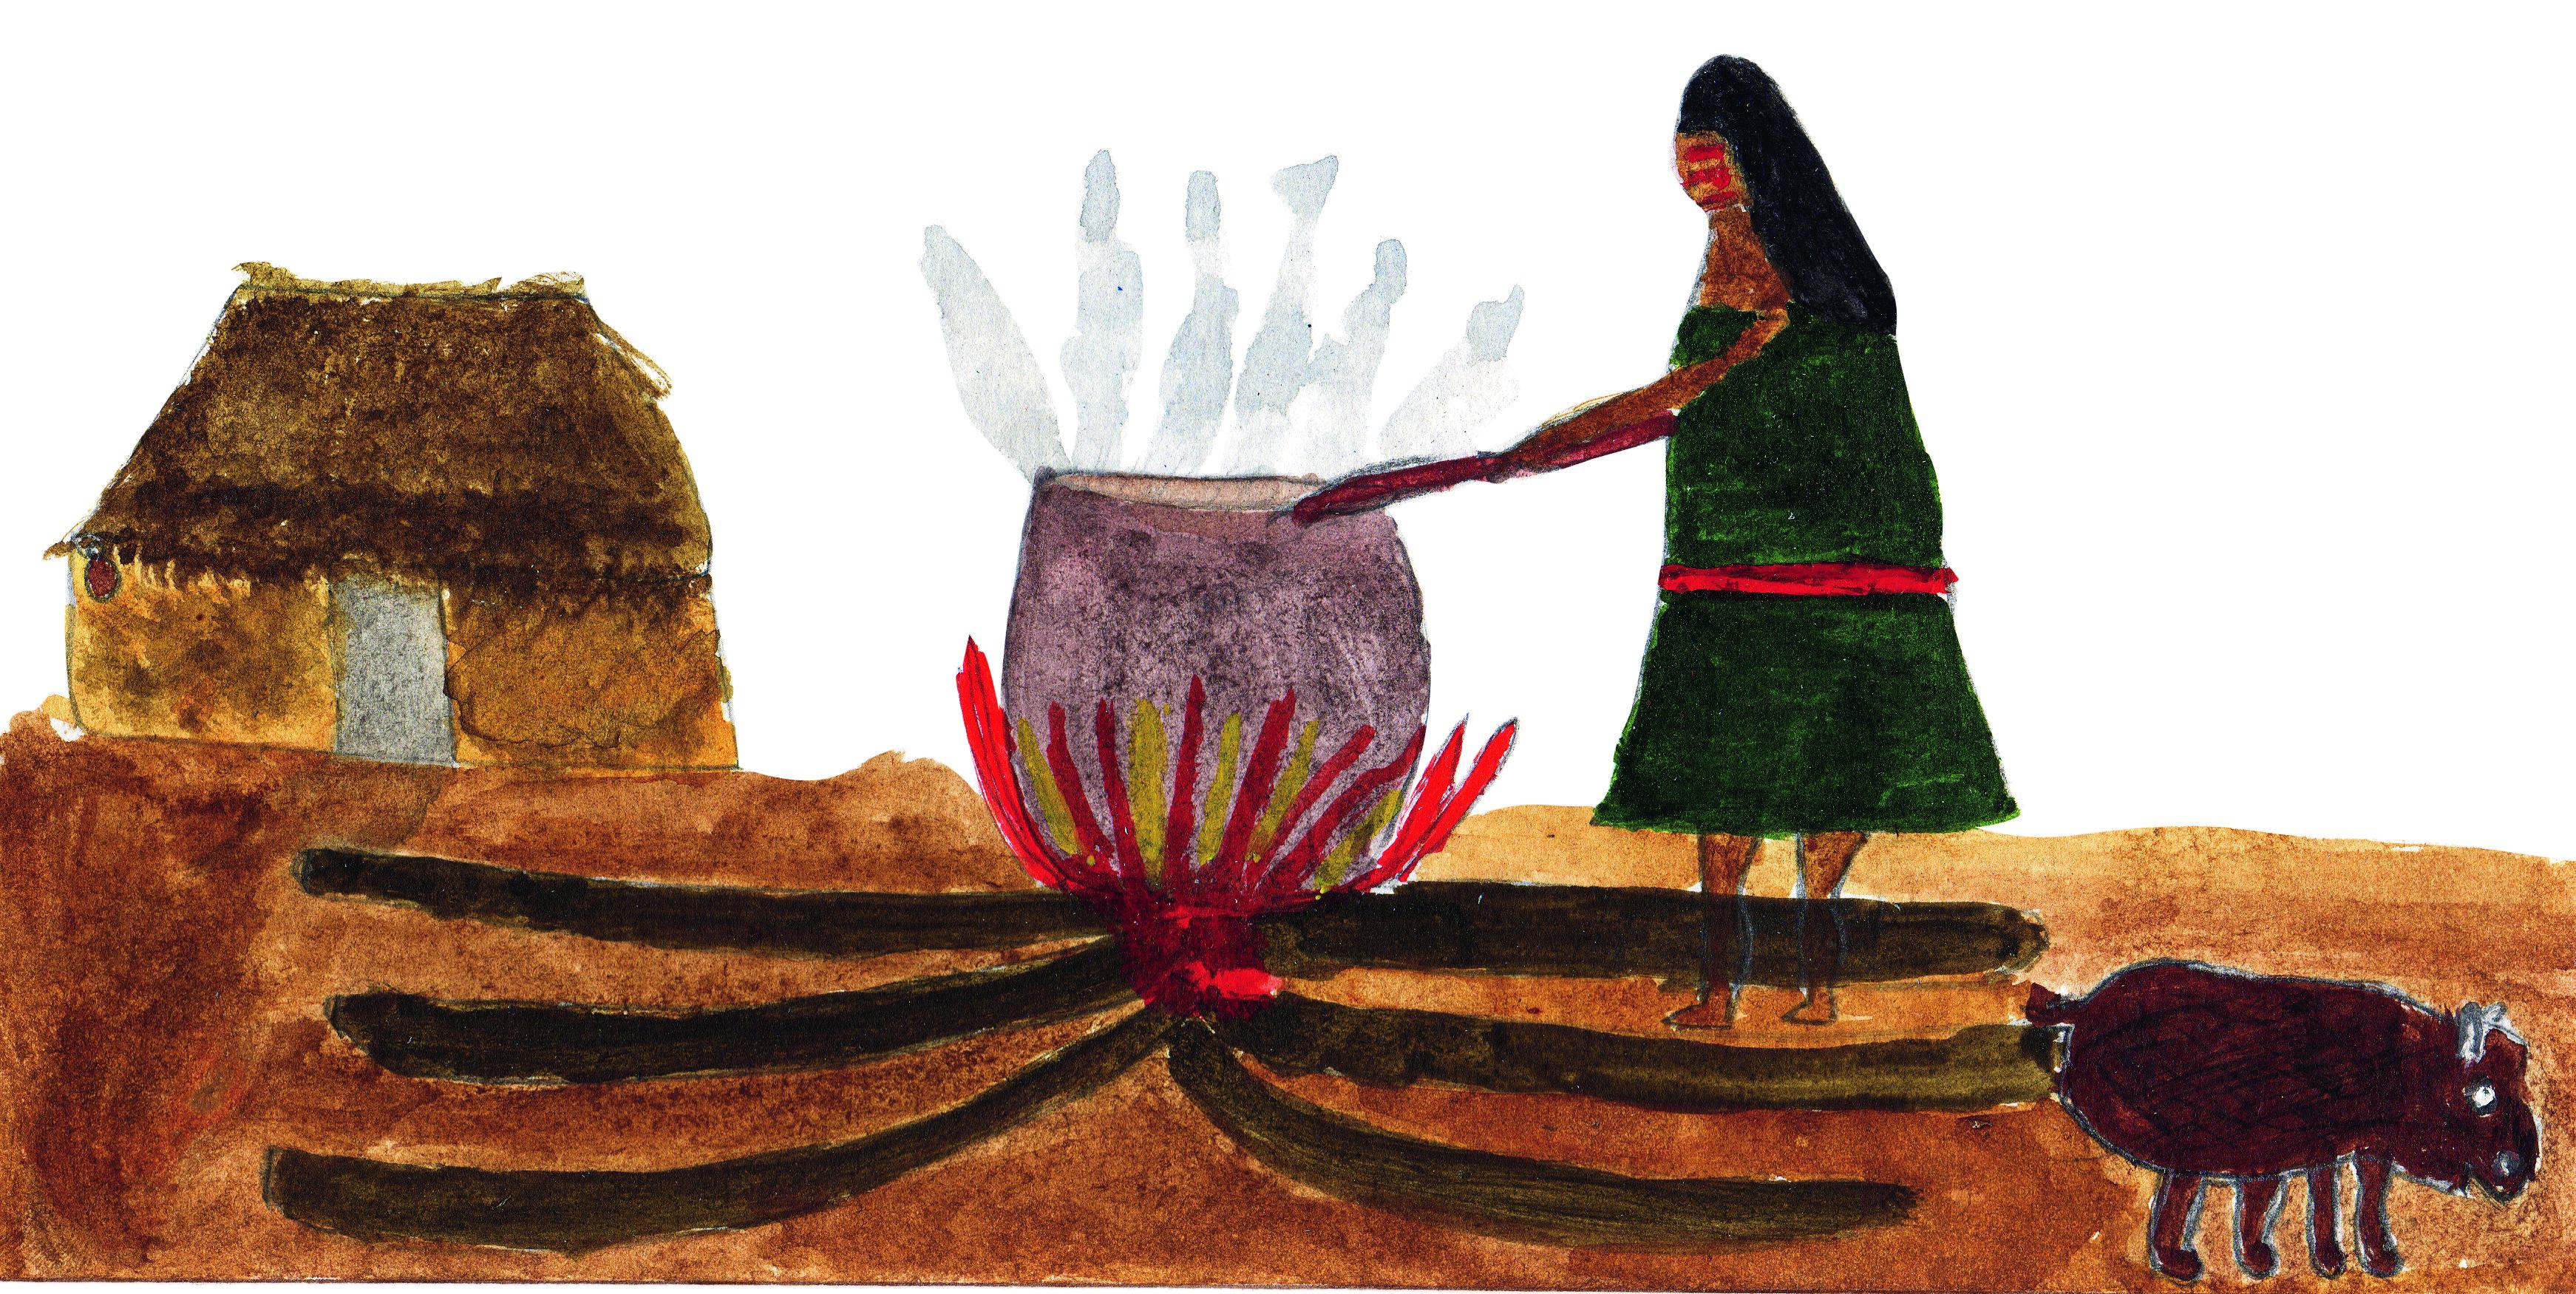 Sueli Maxakali, <i>Ũn te kuxak kuk top hemãhã</i> [Ela tira gordura da capivara], 2005. Cortesia da artista